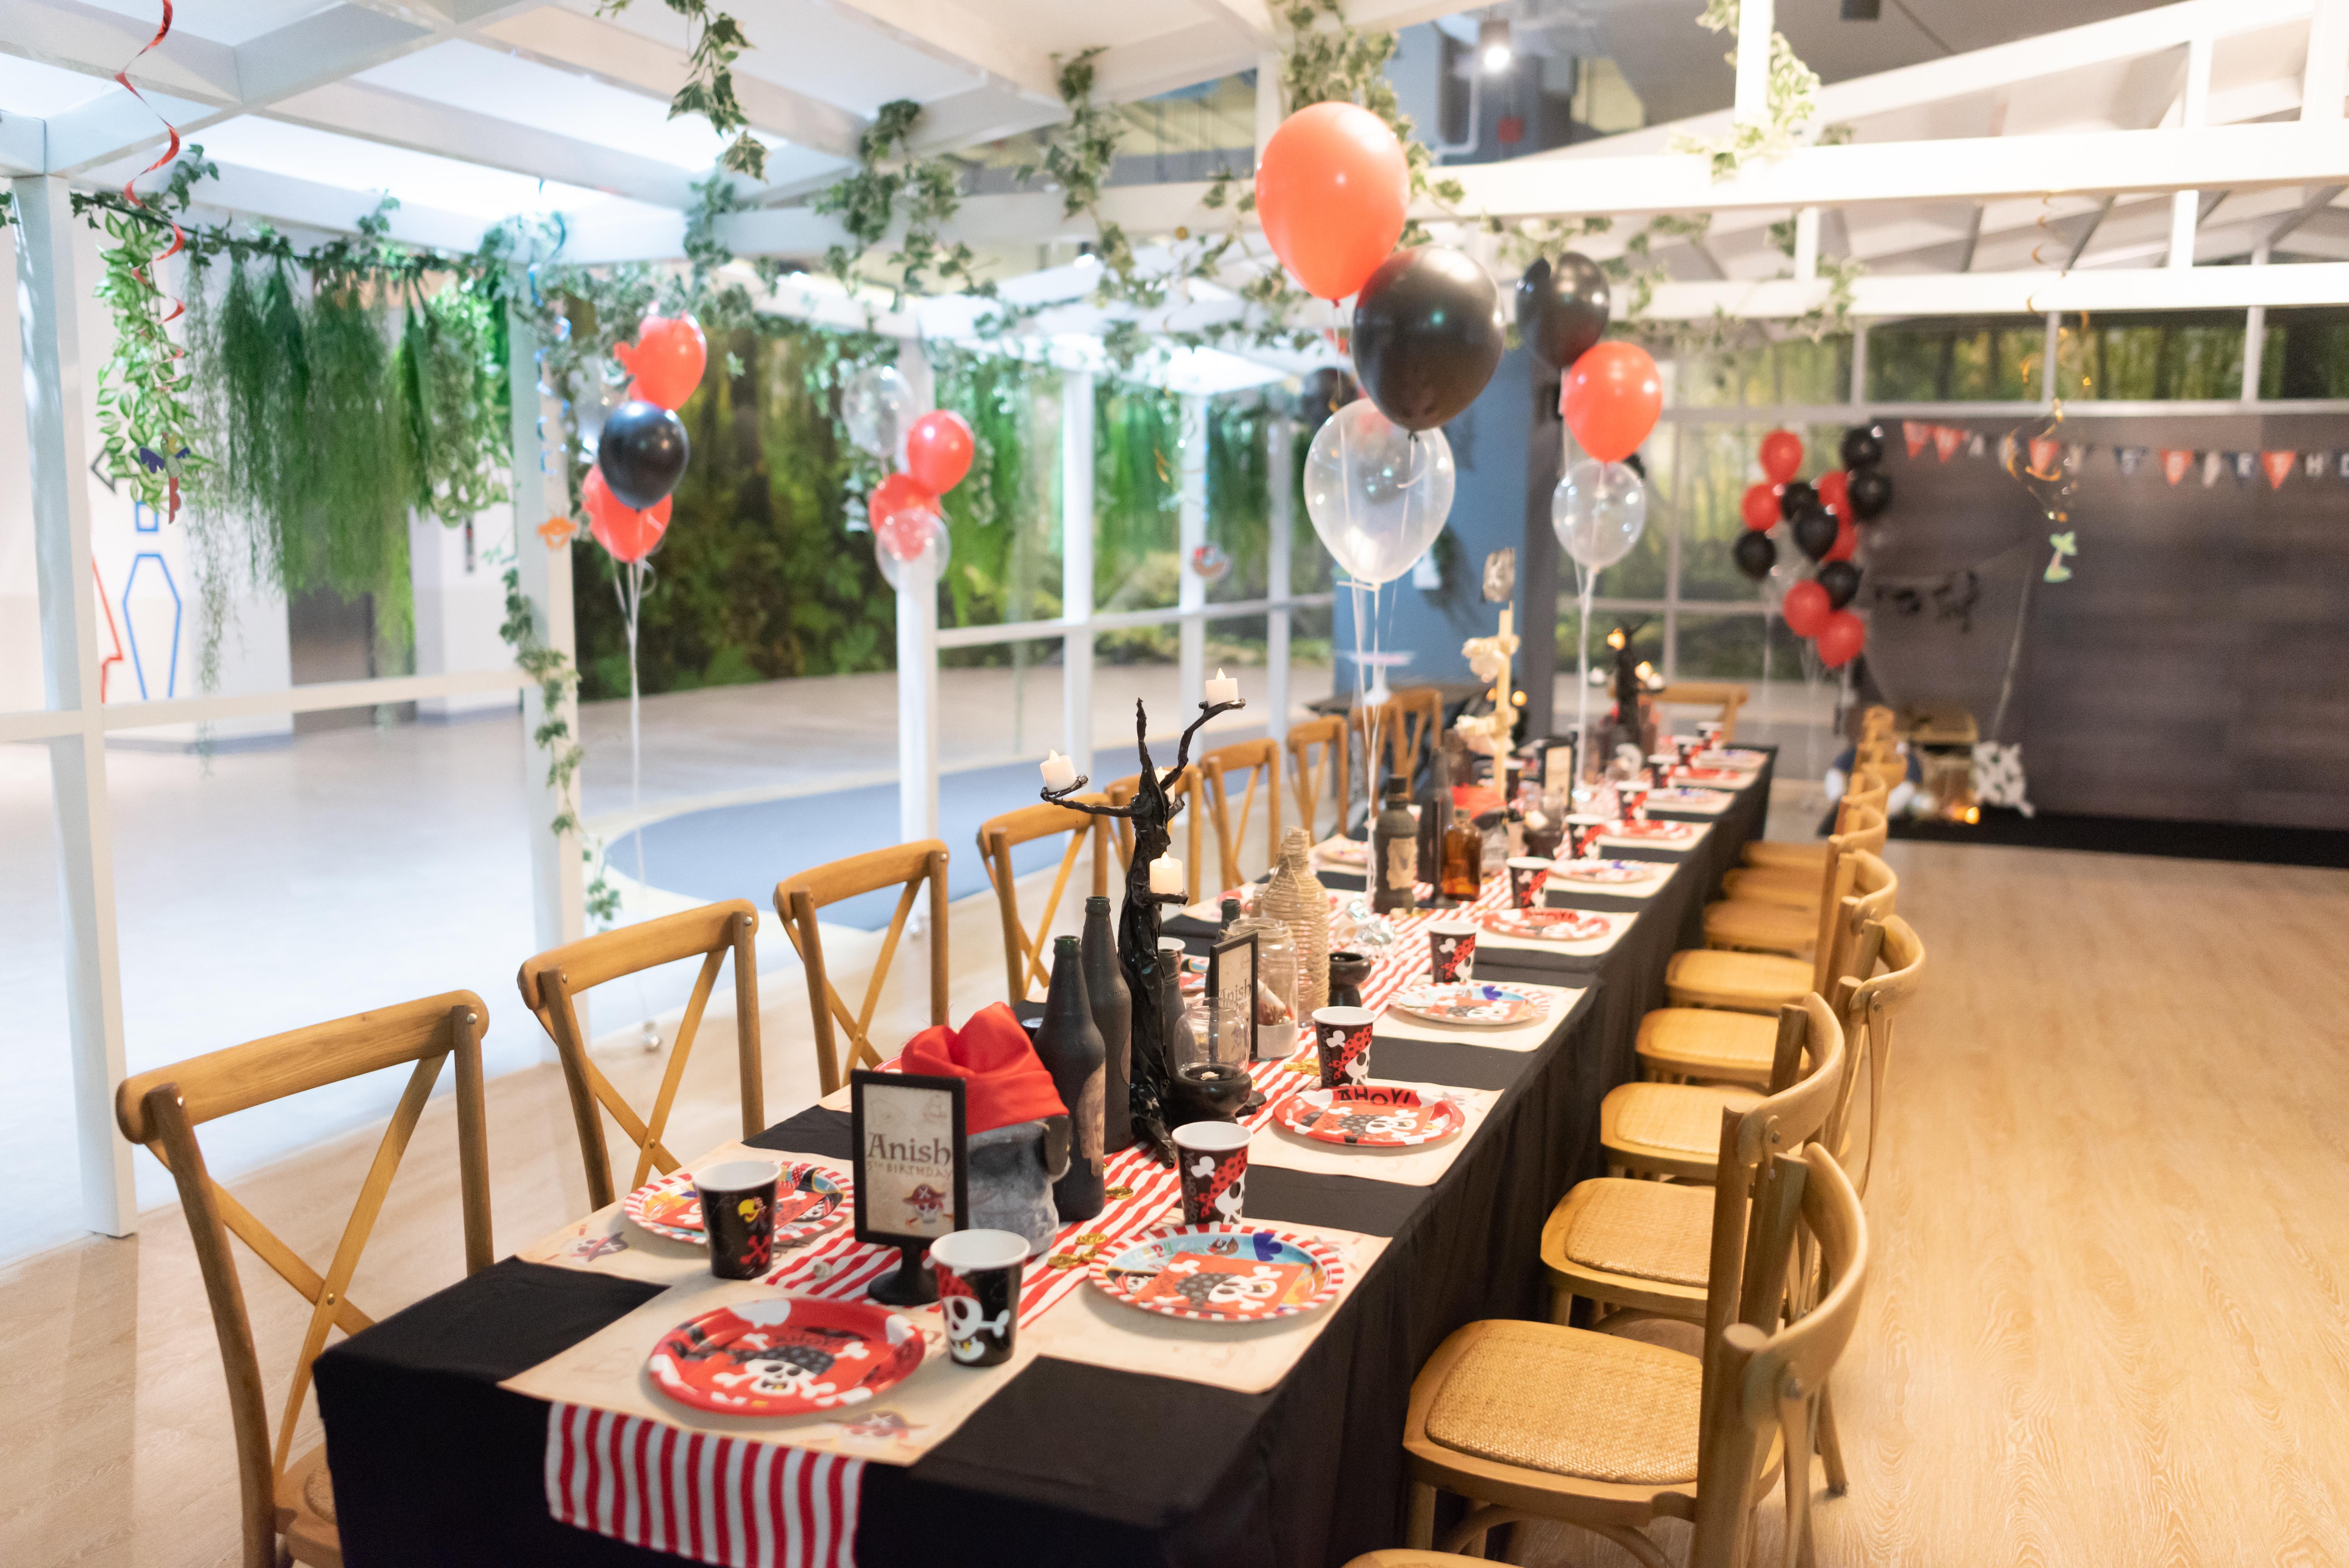 จัดปาร์ตี้สุดเท่ในธีมวันเกิดไพเรท โจรสลัด ไอเดียการจัดงานวันเกิดให้ลูก จัดปาร์ตี้ให้เด็กๆ ตกแต่งงานด้วยแบคดรอป ลูกโป่ง พร้อมเกมส์สนุกๆ มาสคอต พินยาต้า ตกแต่งโต๊ะ